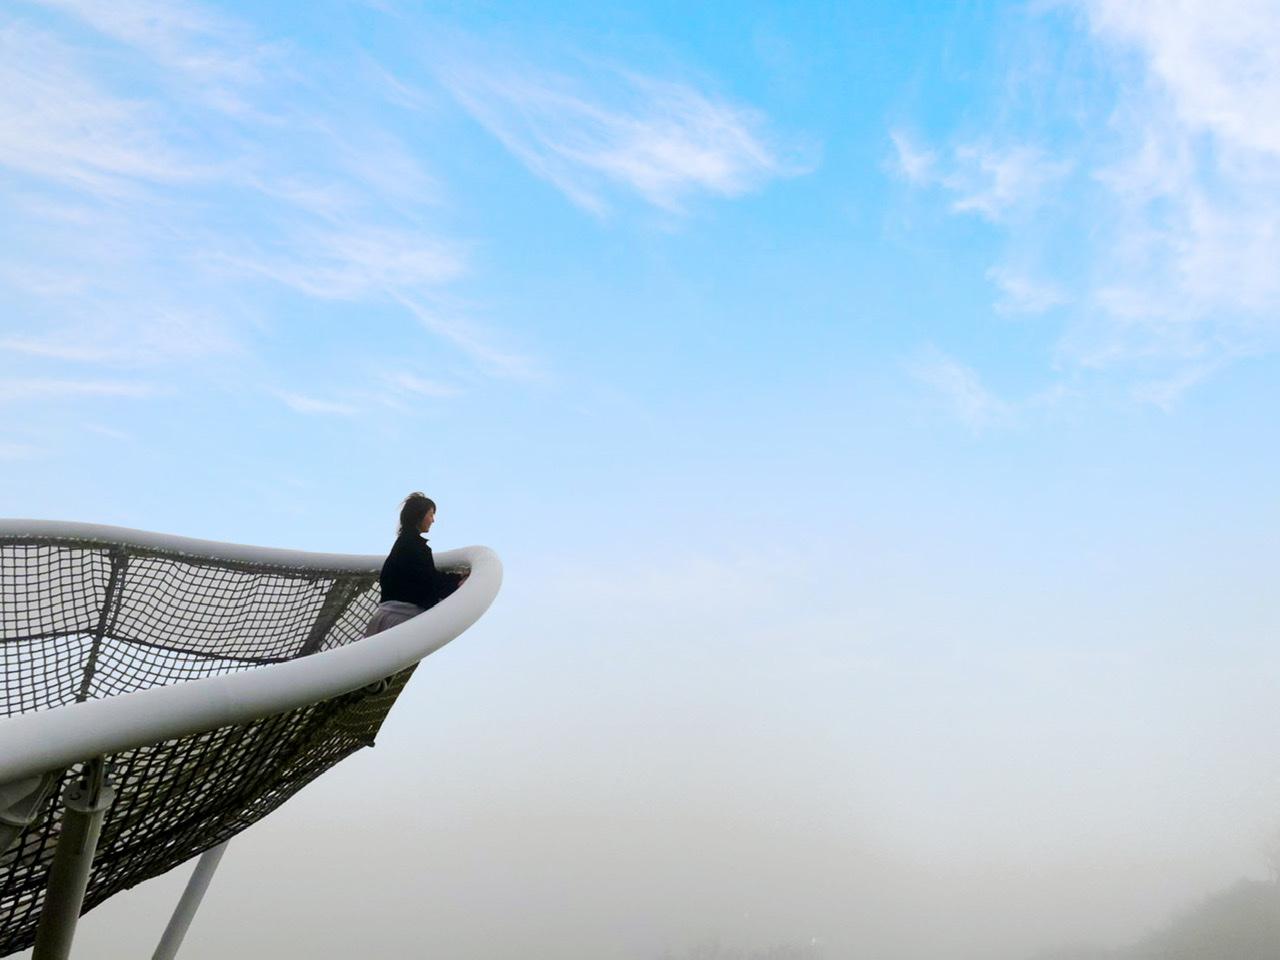 【星野リゾートトマム】雲の上で過ごす幻想的な朝!絶景スポット《雲海テラス》をご紹介★_5